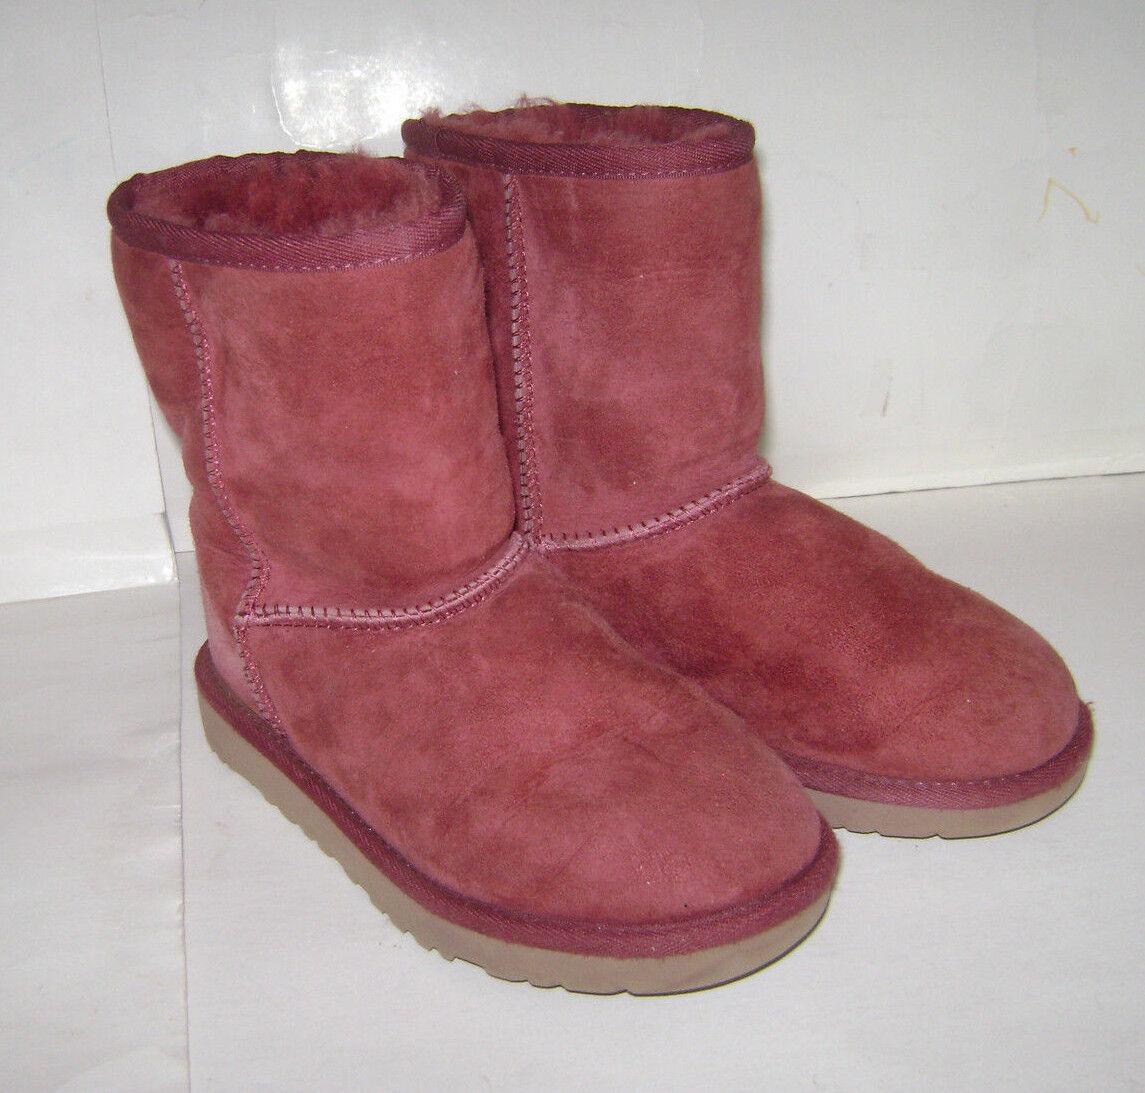 001af7cc1c2 UGG Australia Classic Redwood Sheepskin Girls BOOTS Size 1 - 5251 for sale  online | eBay